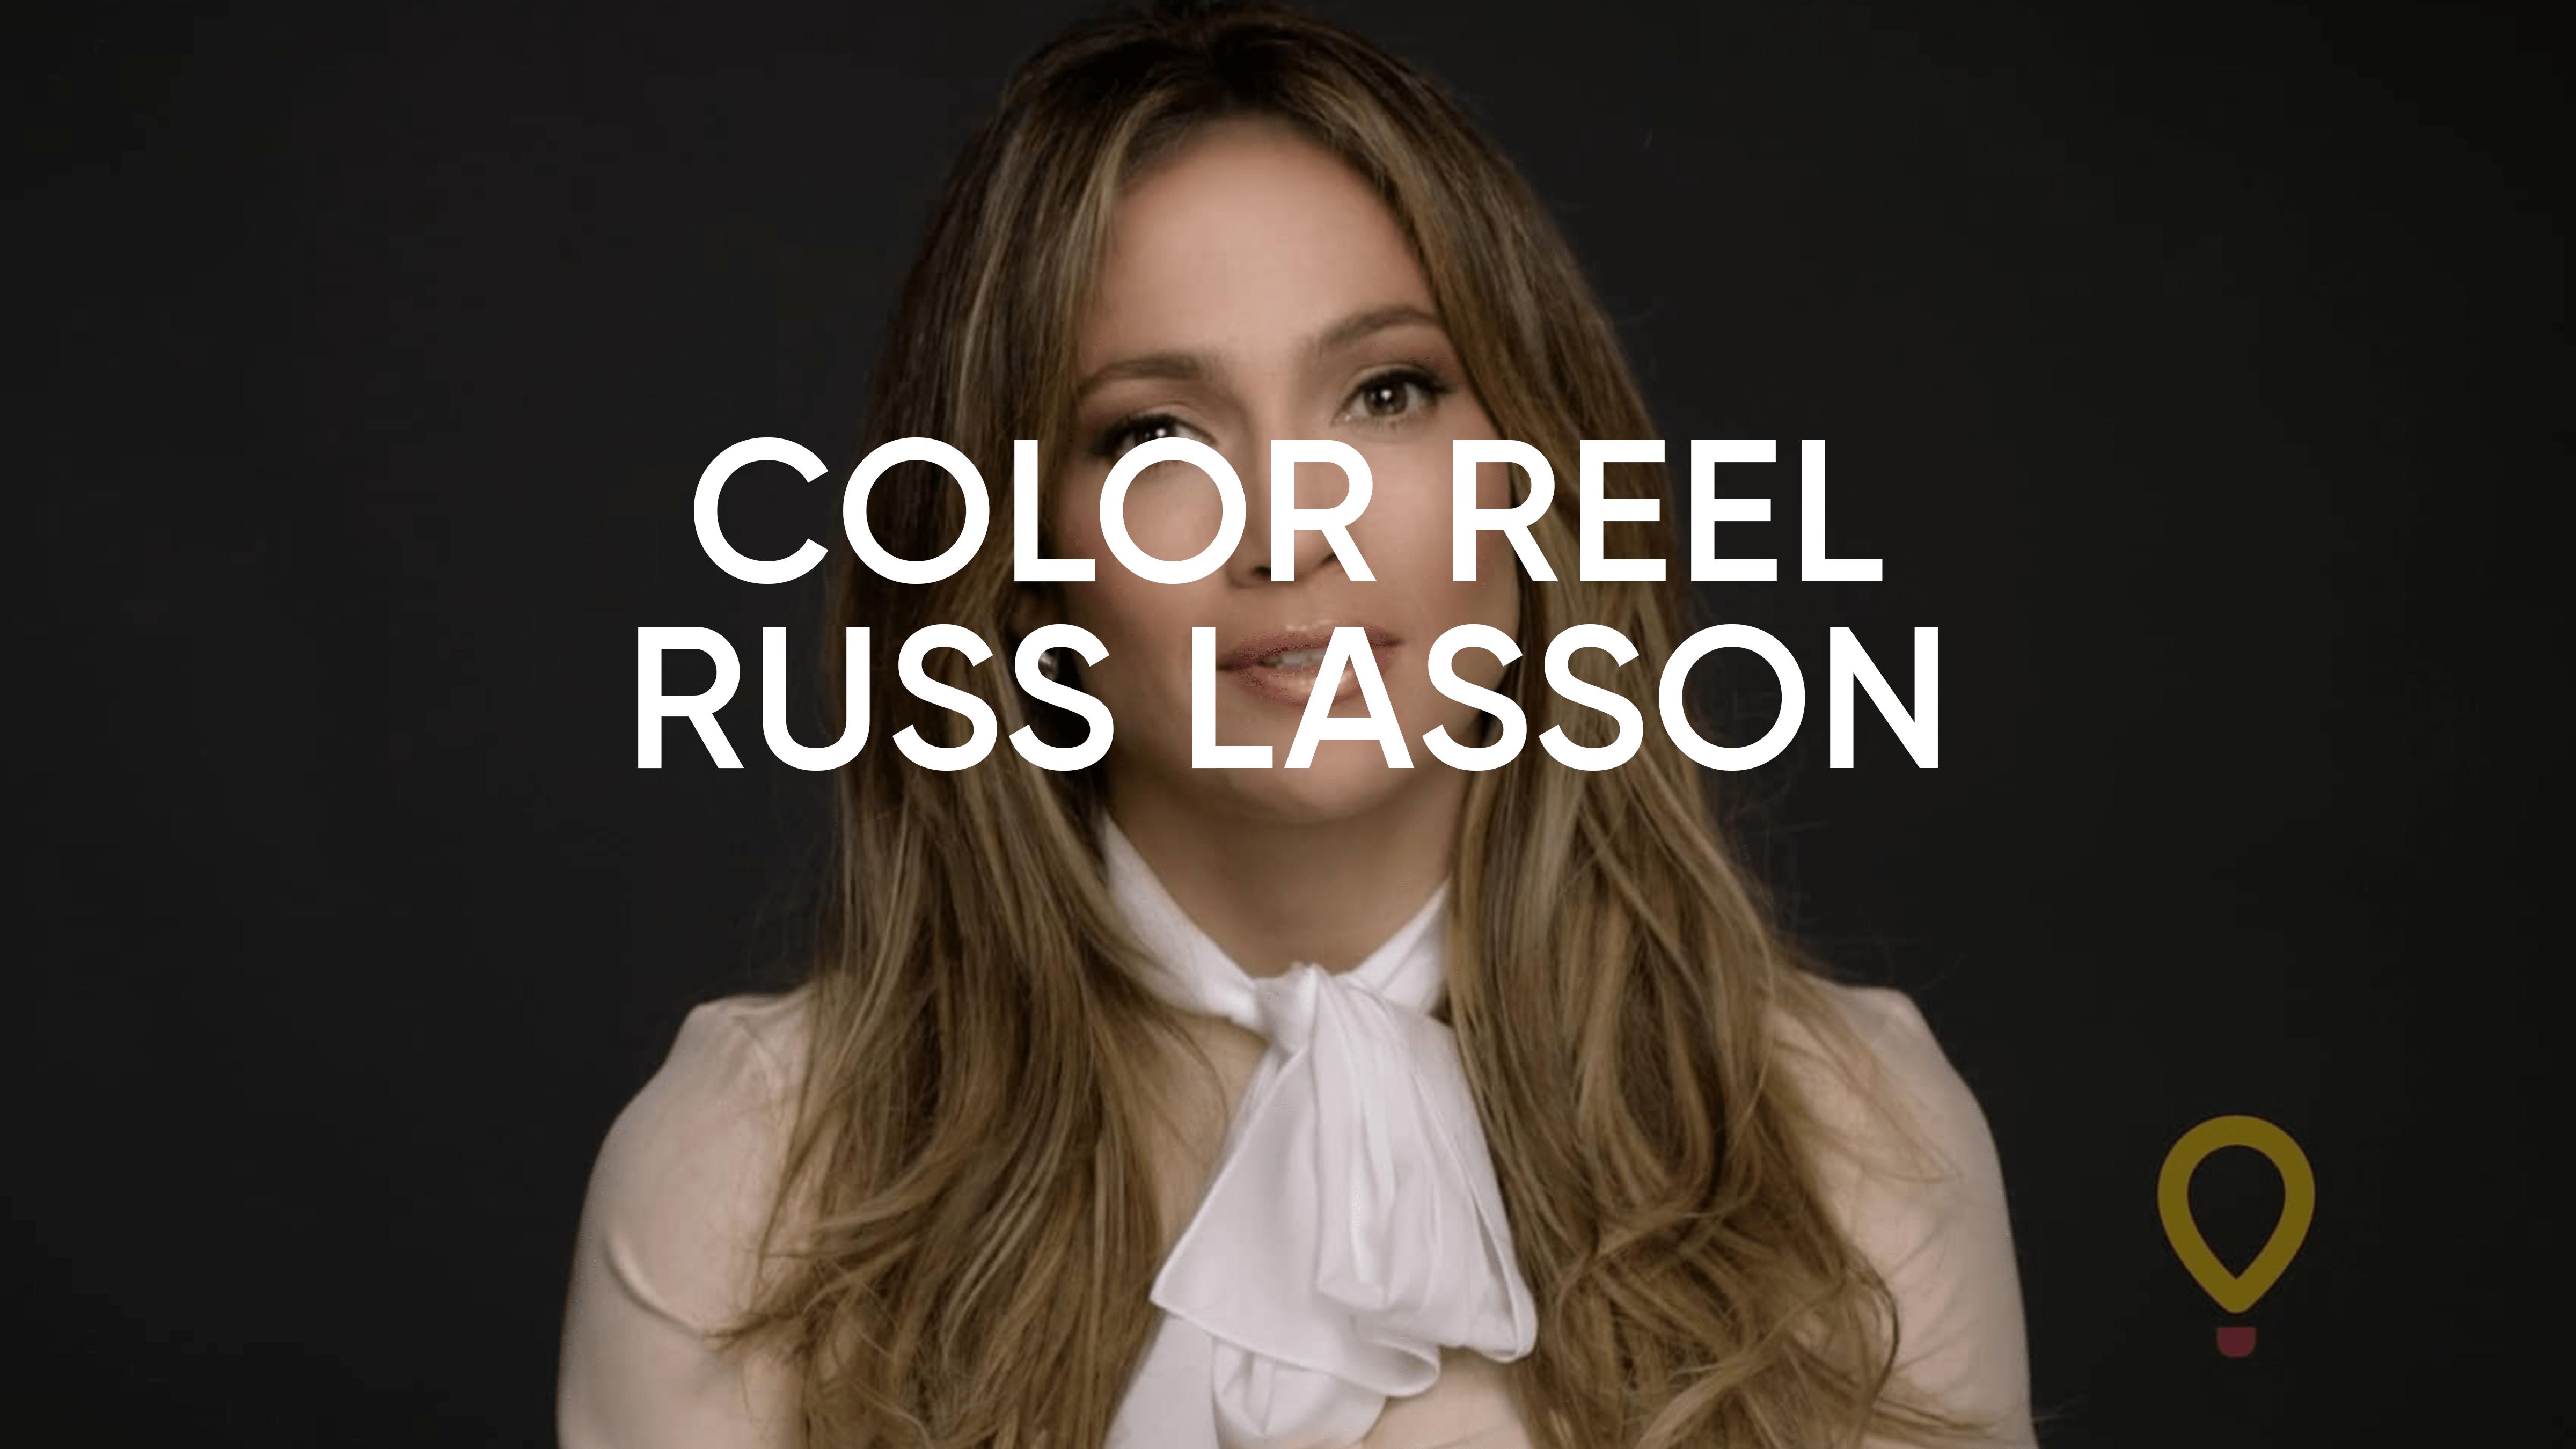 Russ Lasson Color Reel